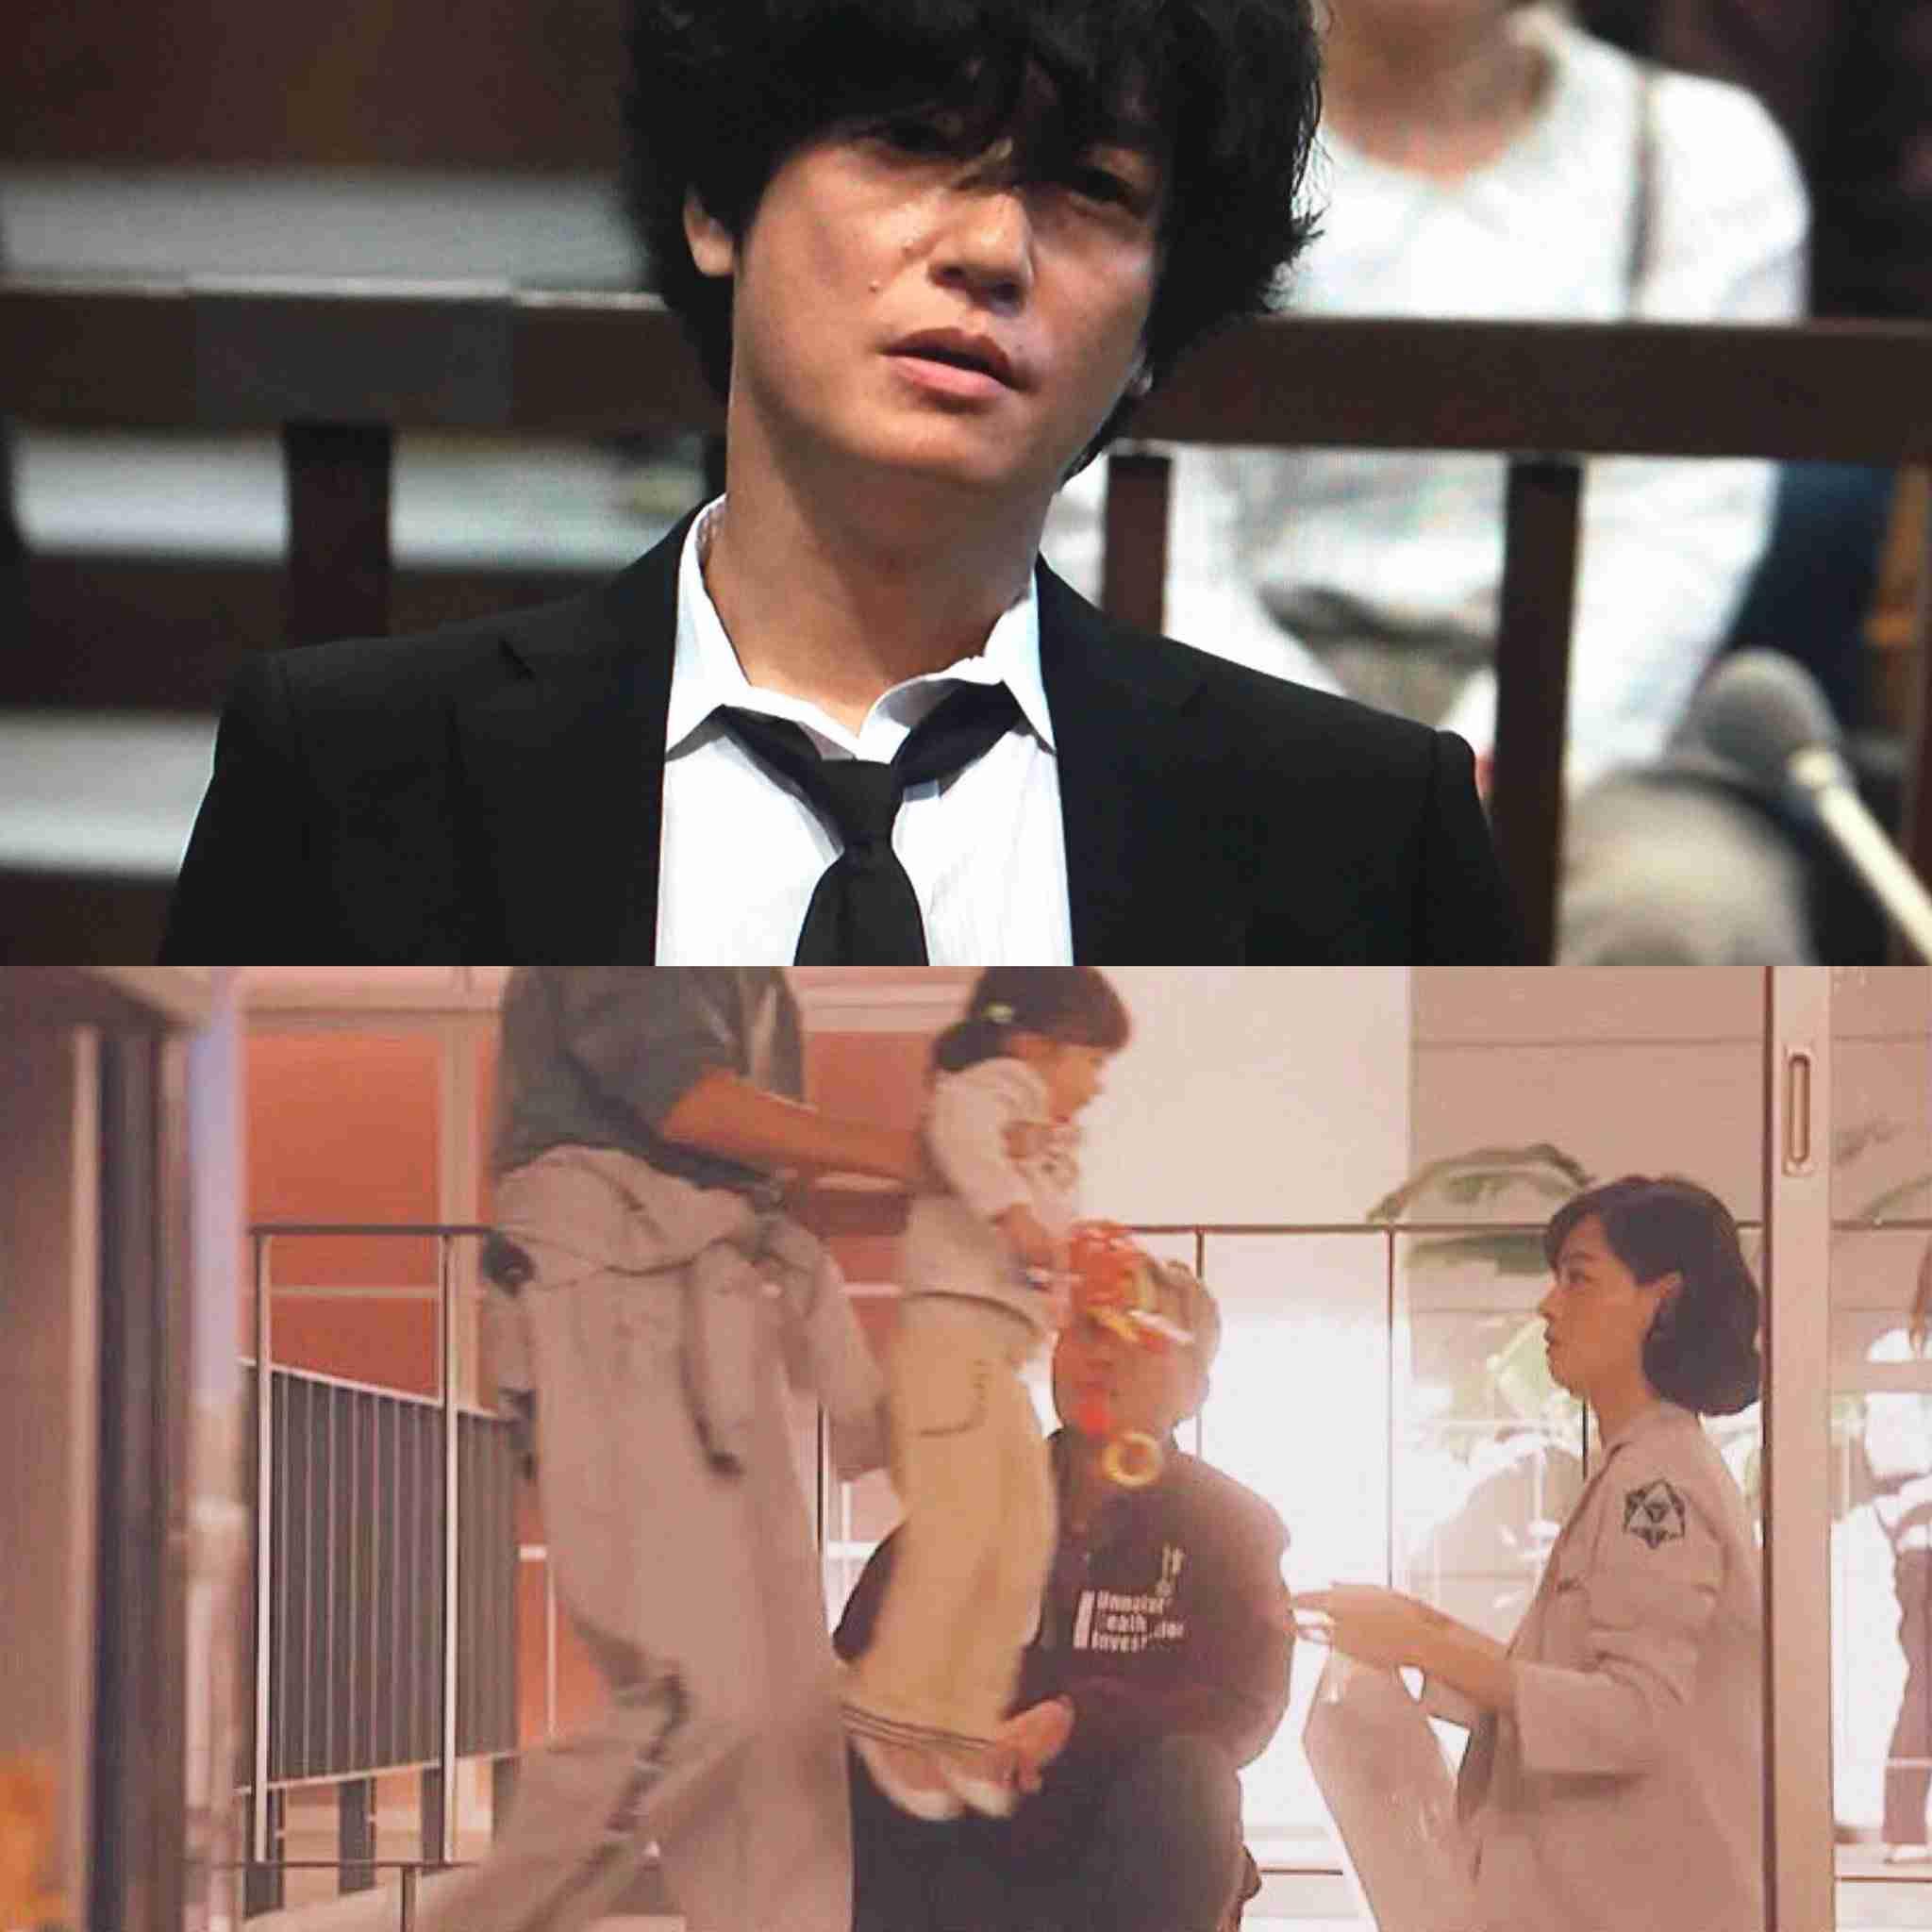 2児の父・井浦新、意外な素顔!セリフ覚える時、子供が騒いでも「それはそれで大丈夫」